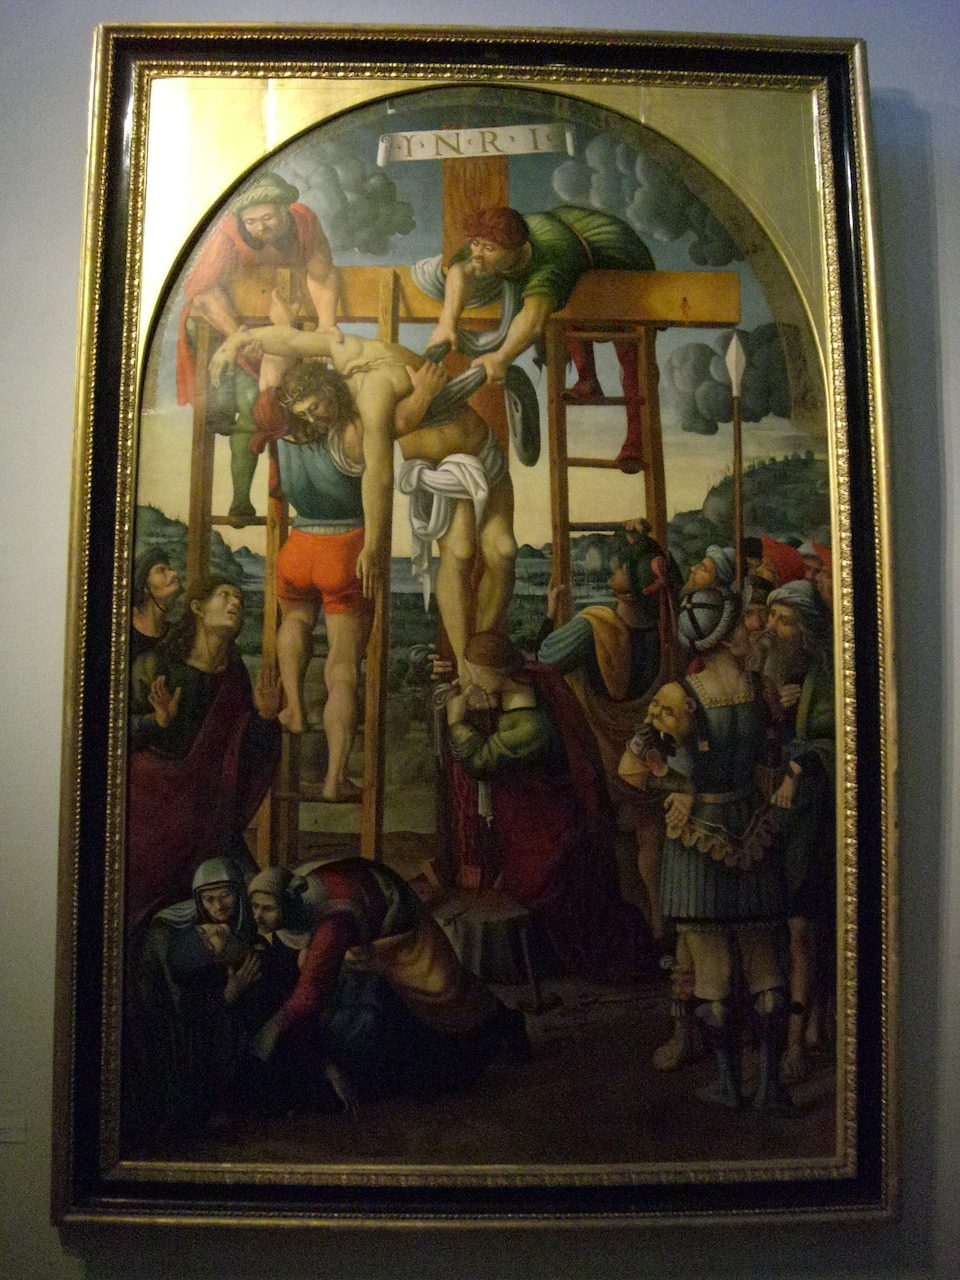 vatican museum pinacoteca art gallery jesus body is